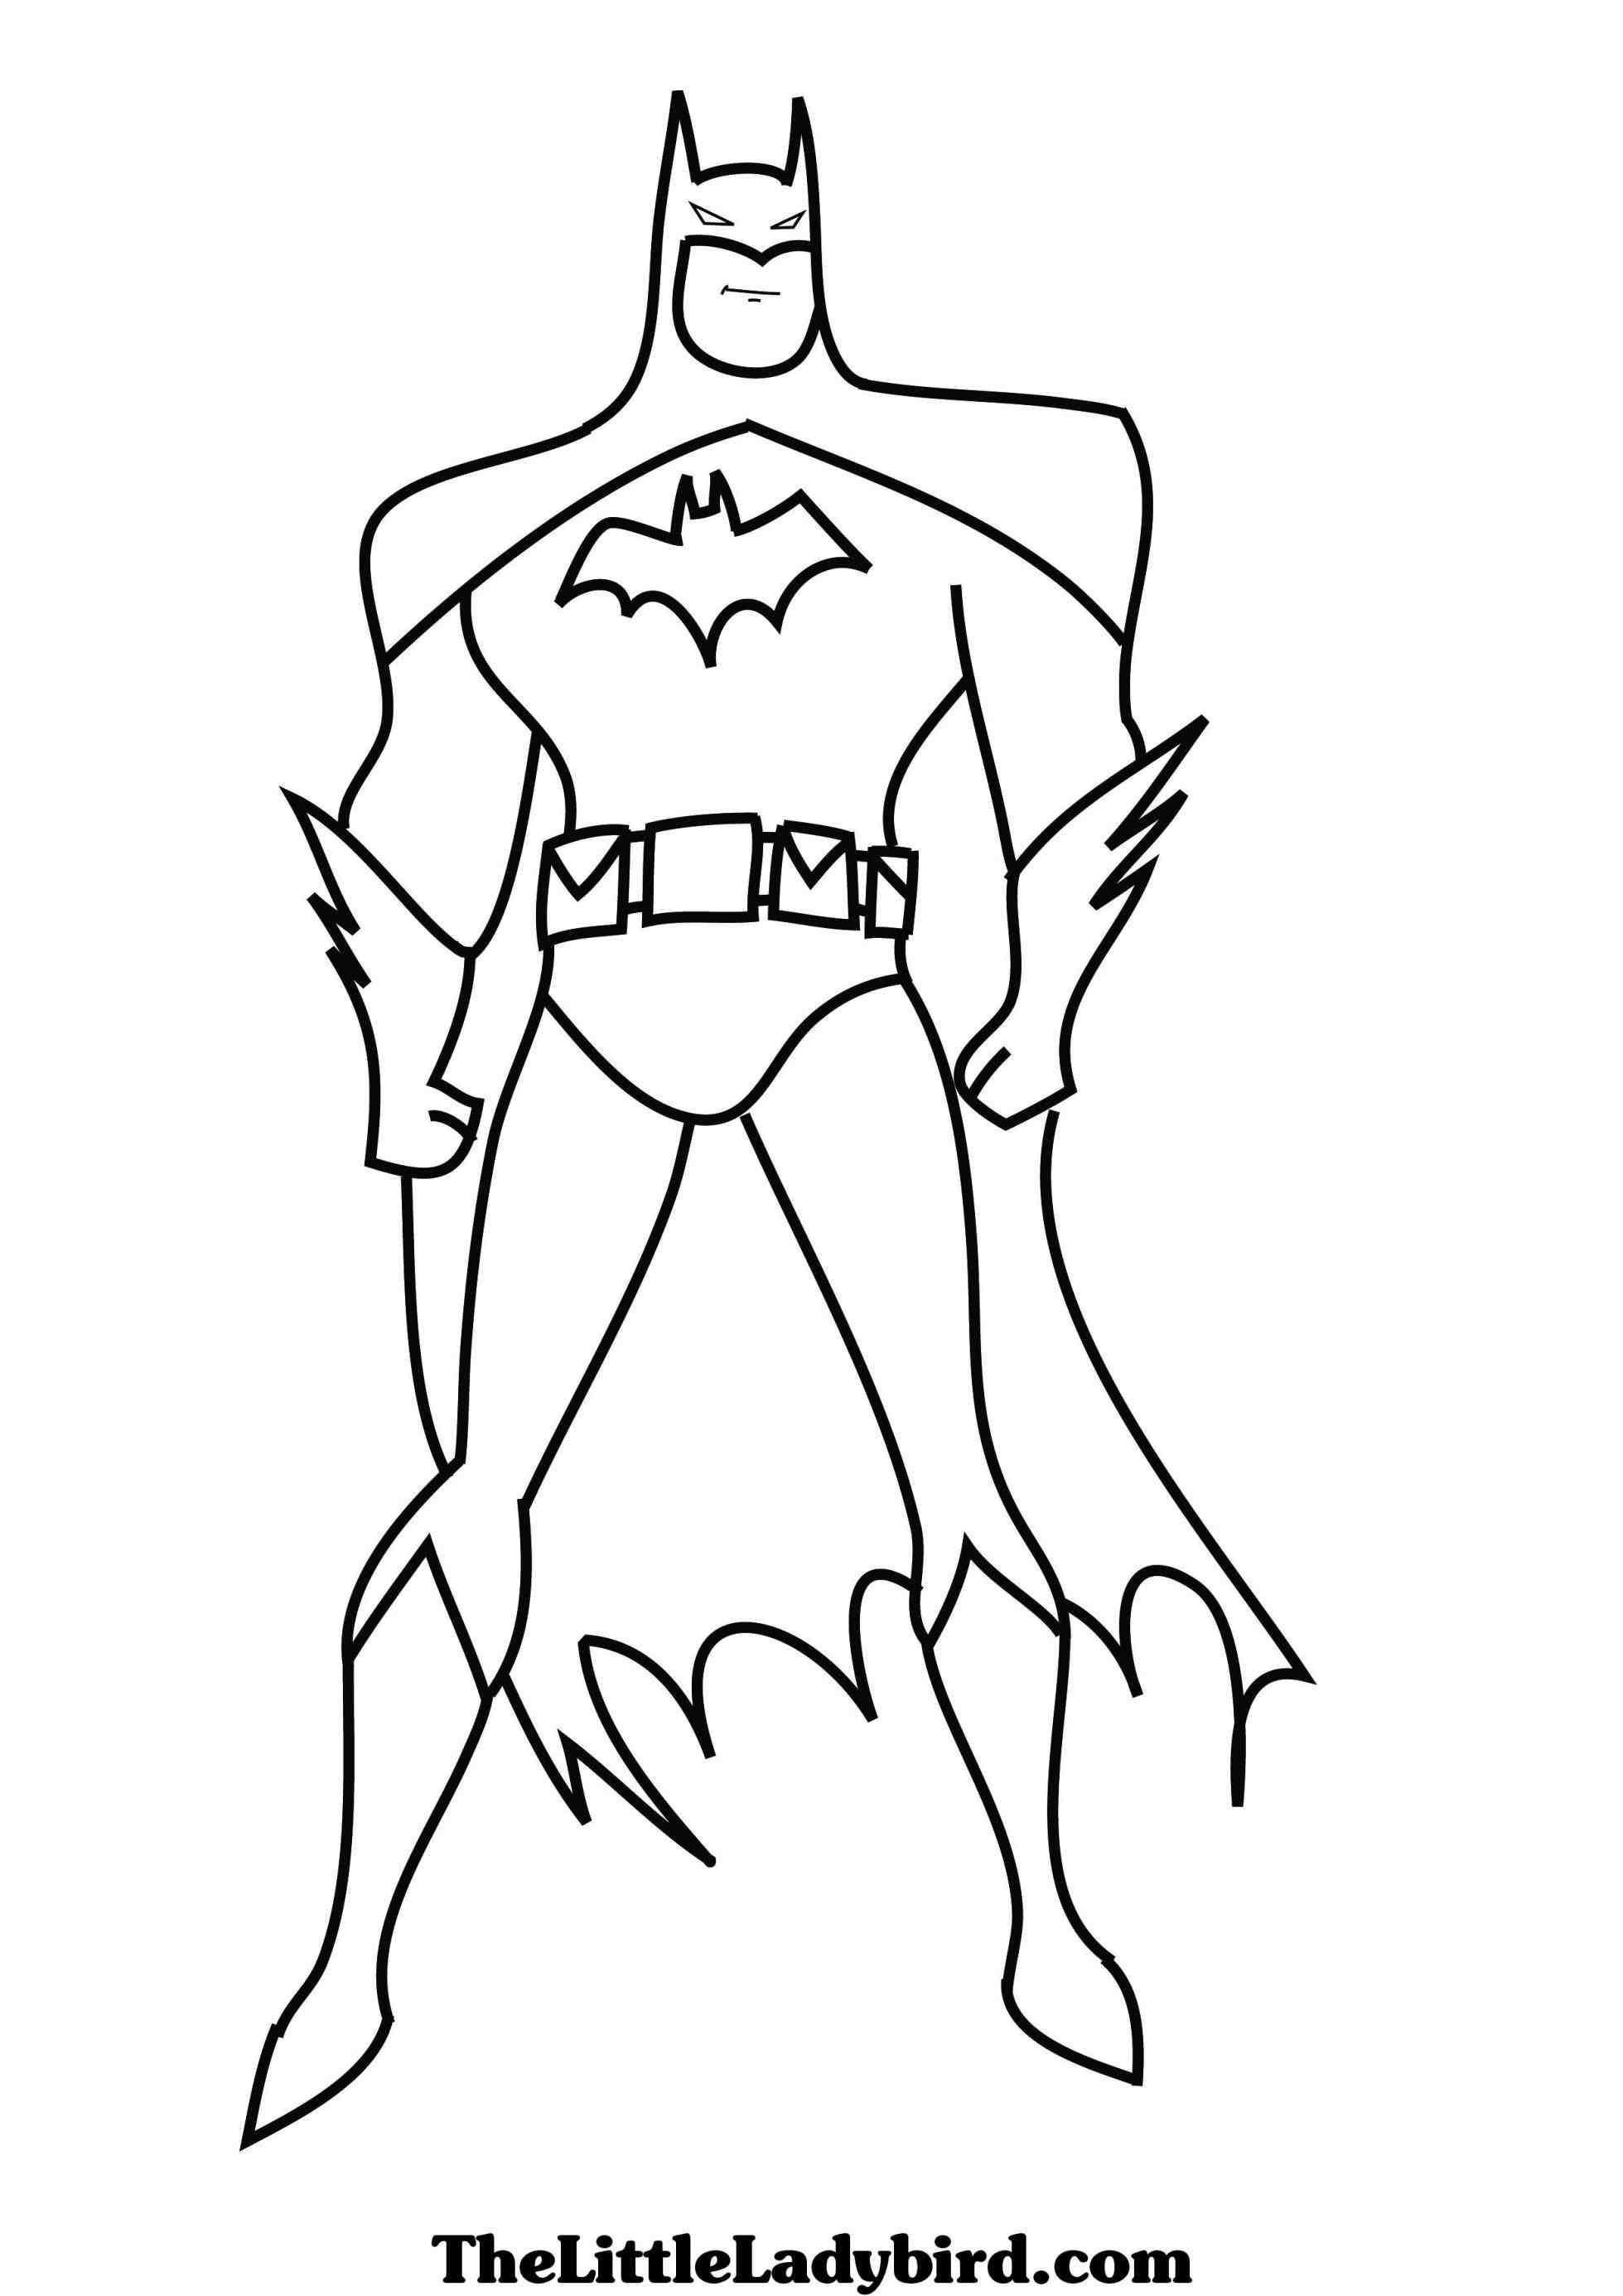 Man Bat In Cartoon